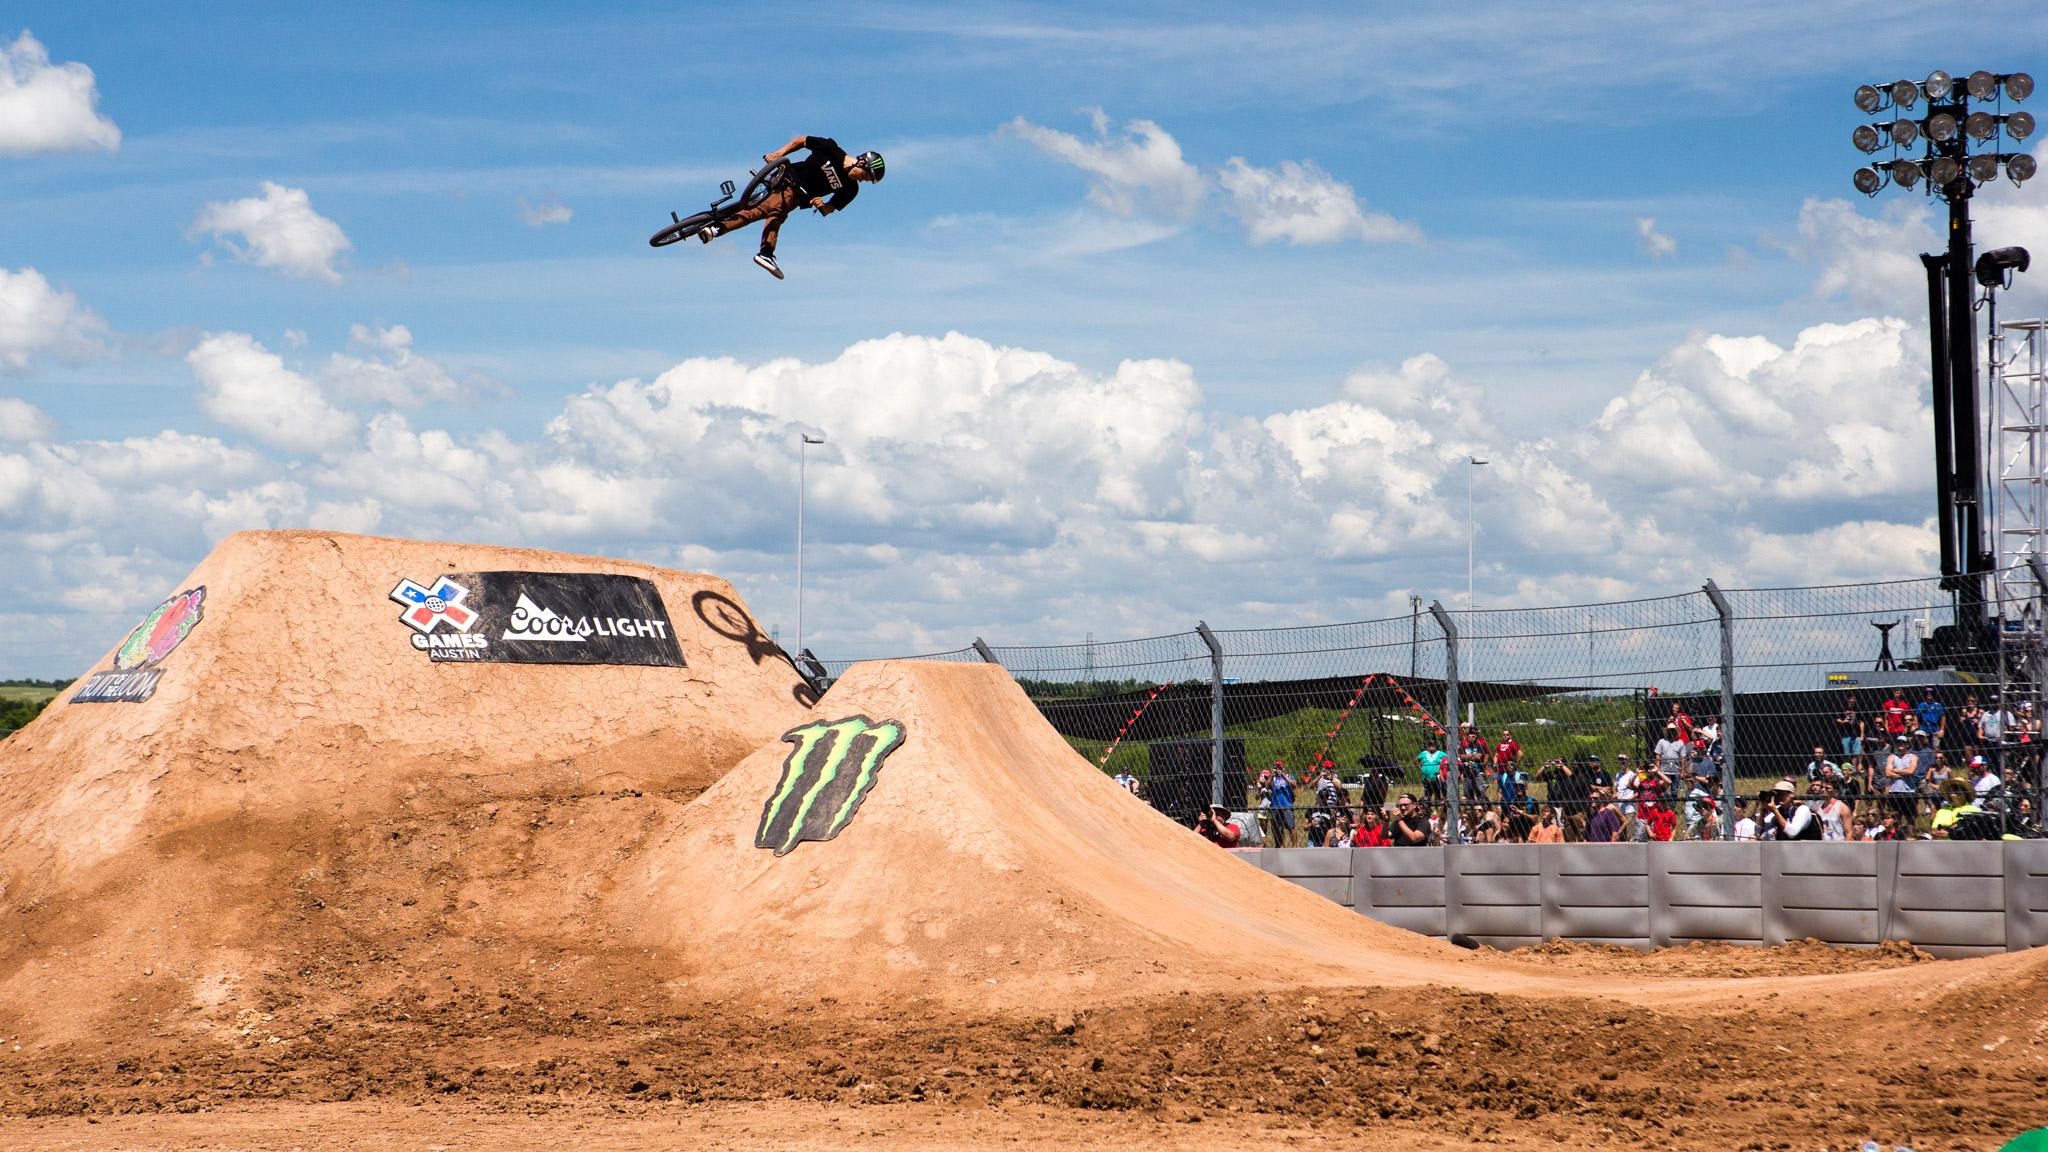 BMX Dirt: Kyle Peraza